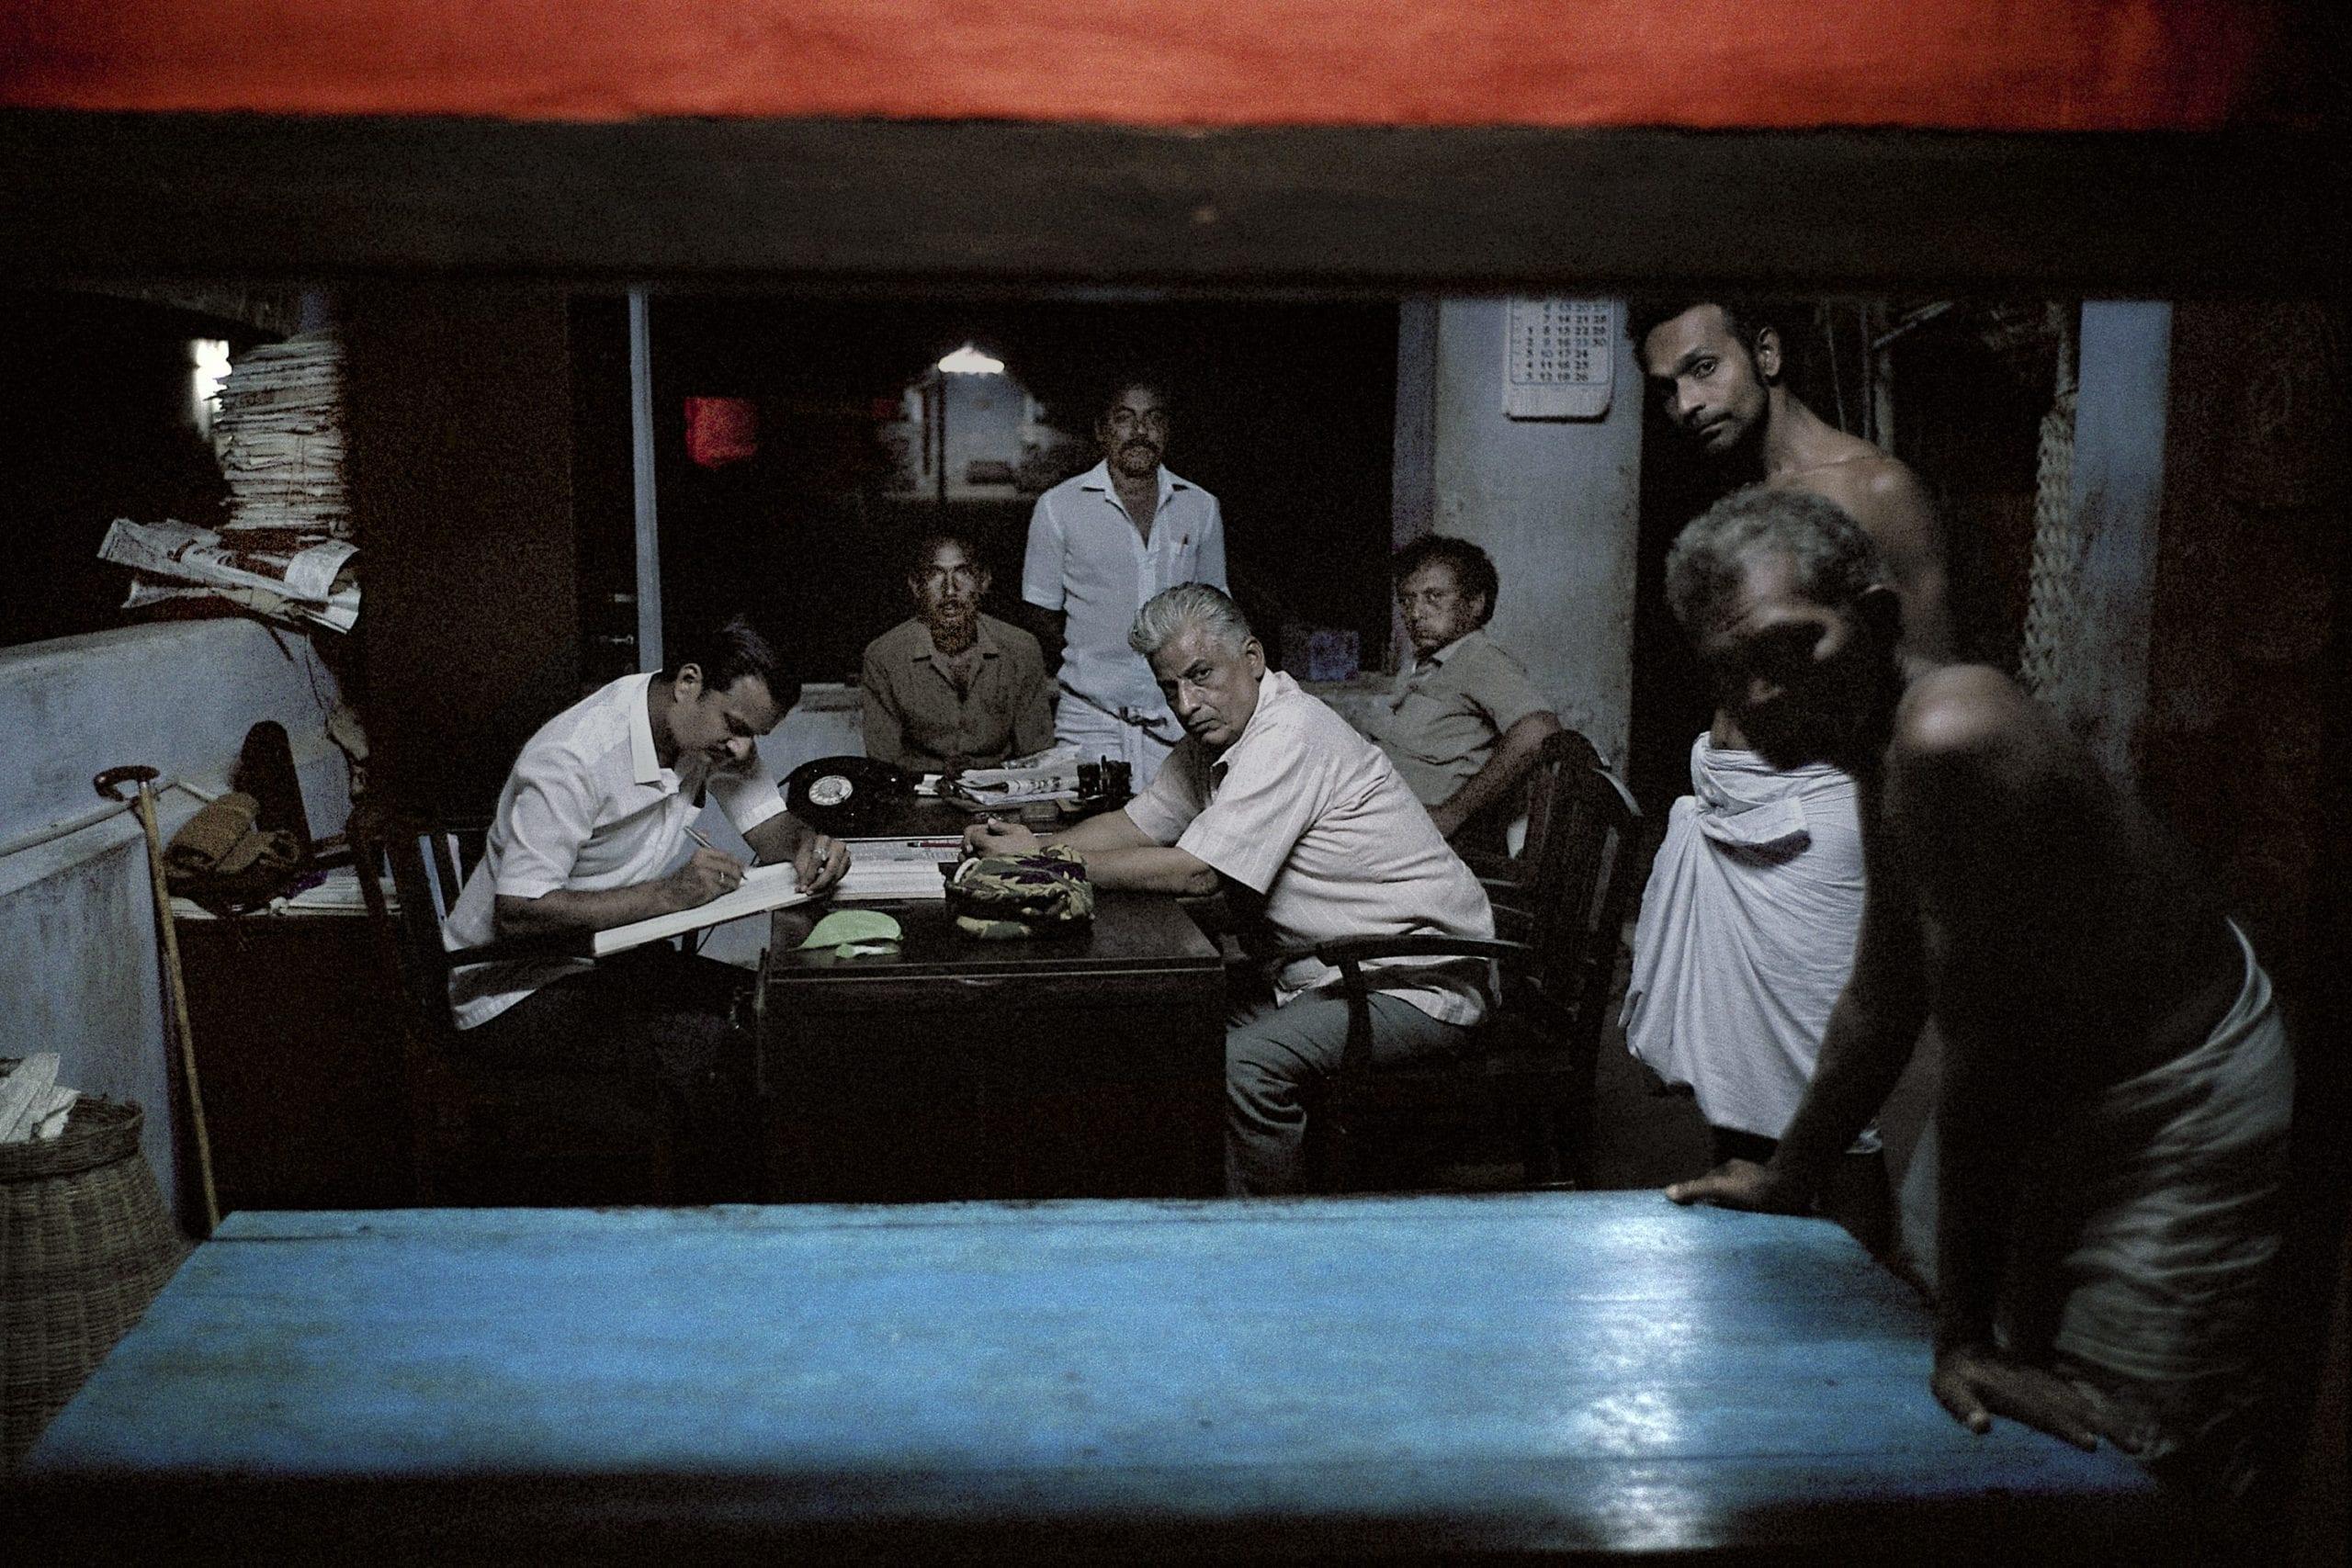 Kerala, India, 1989. © 2015 Harry Gruyaert / Magnum Photos